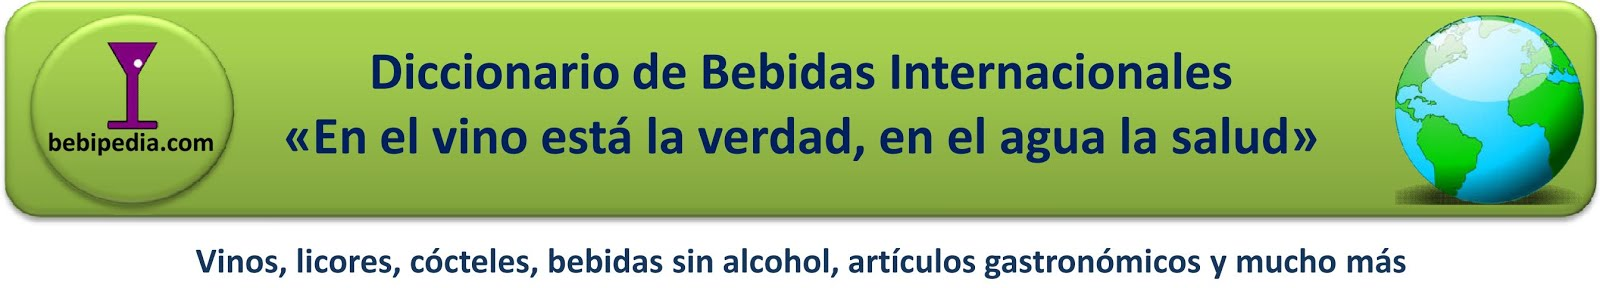 Enciclopedia Internacional de Bebidas